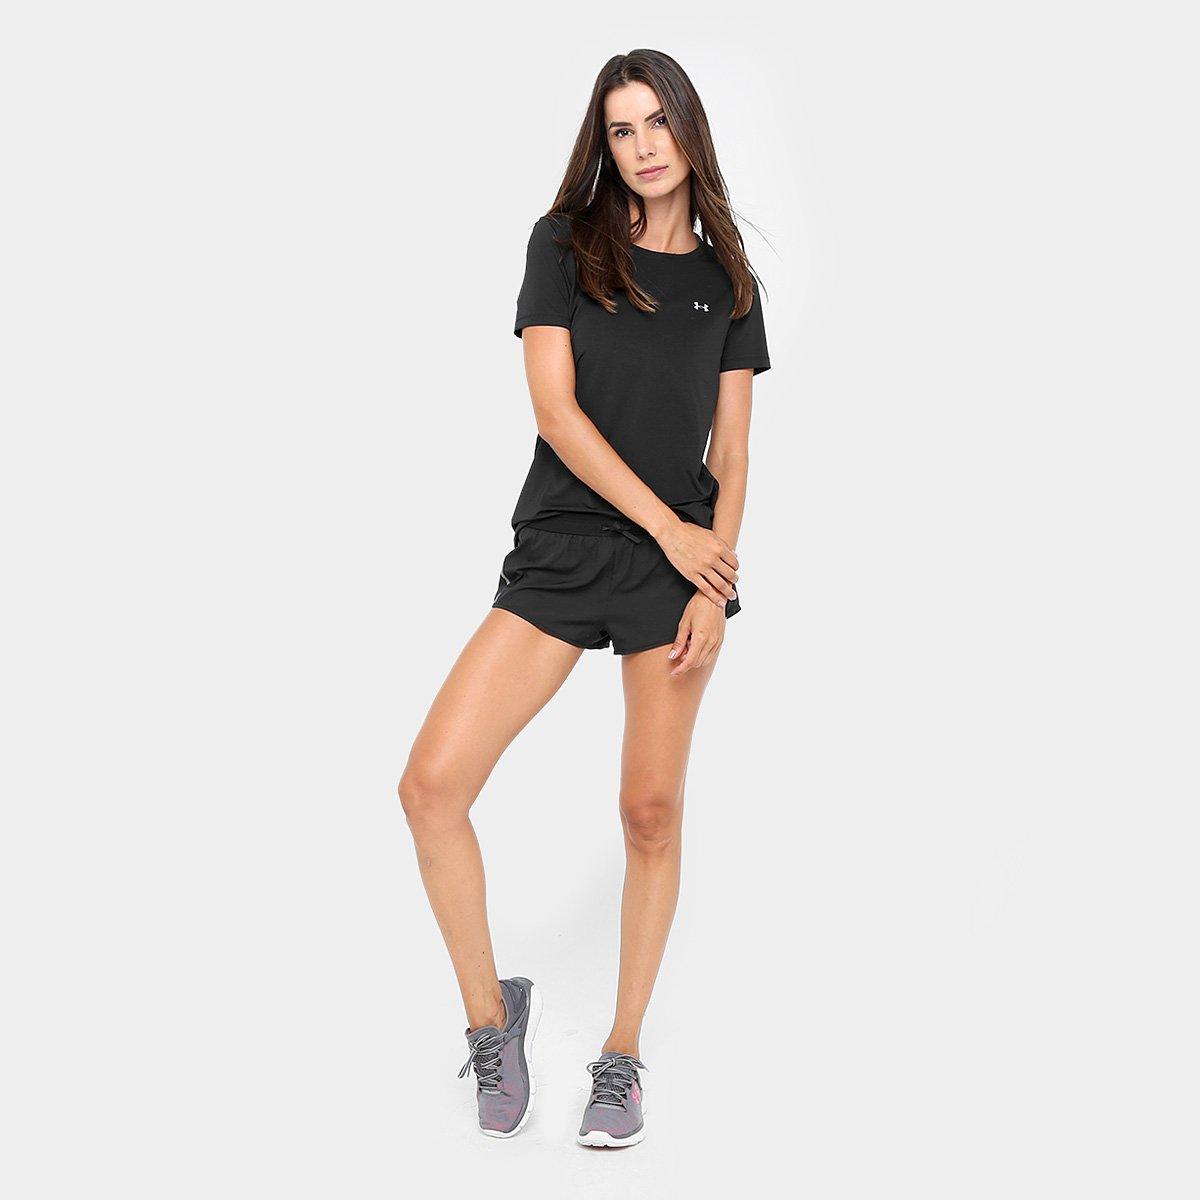 5887494d6f1 Camiseta Under Armour Hg Armour Ss Feminina - Preto e Prata - Compre ...